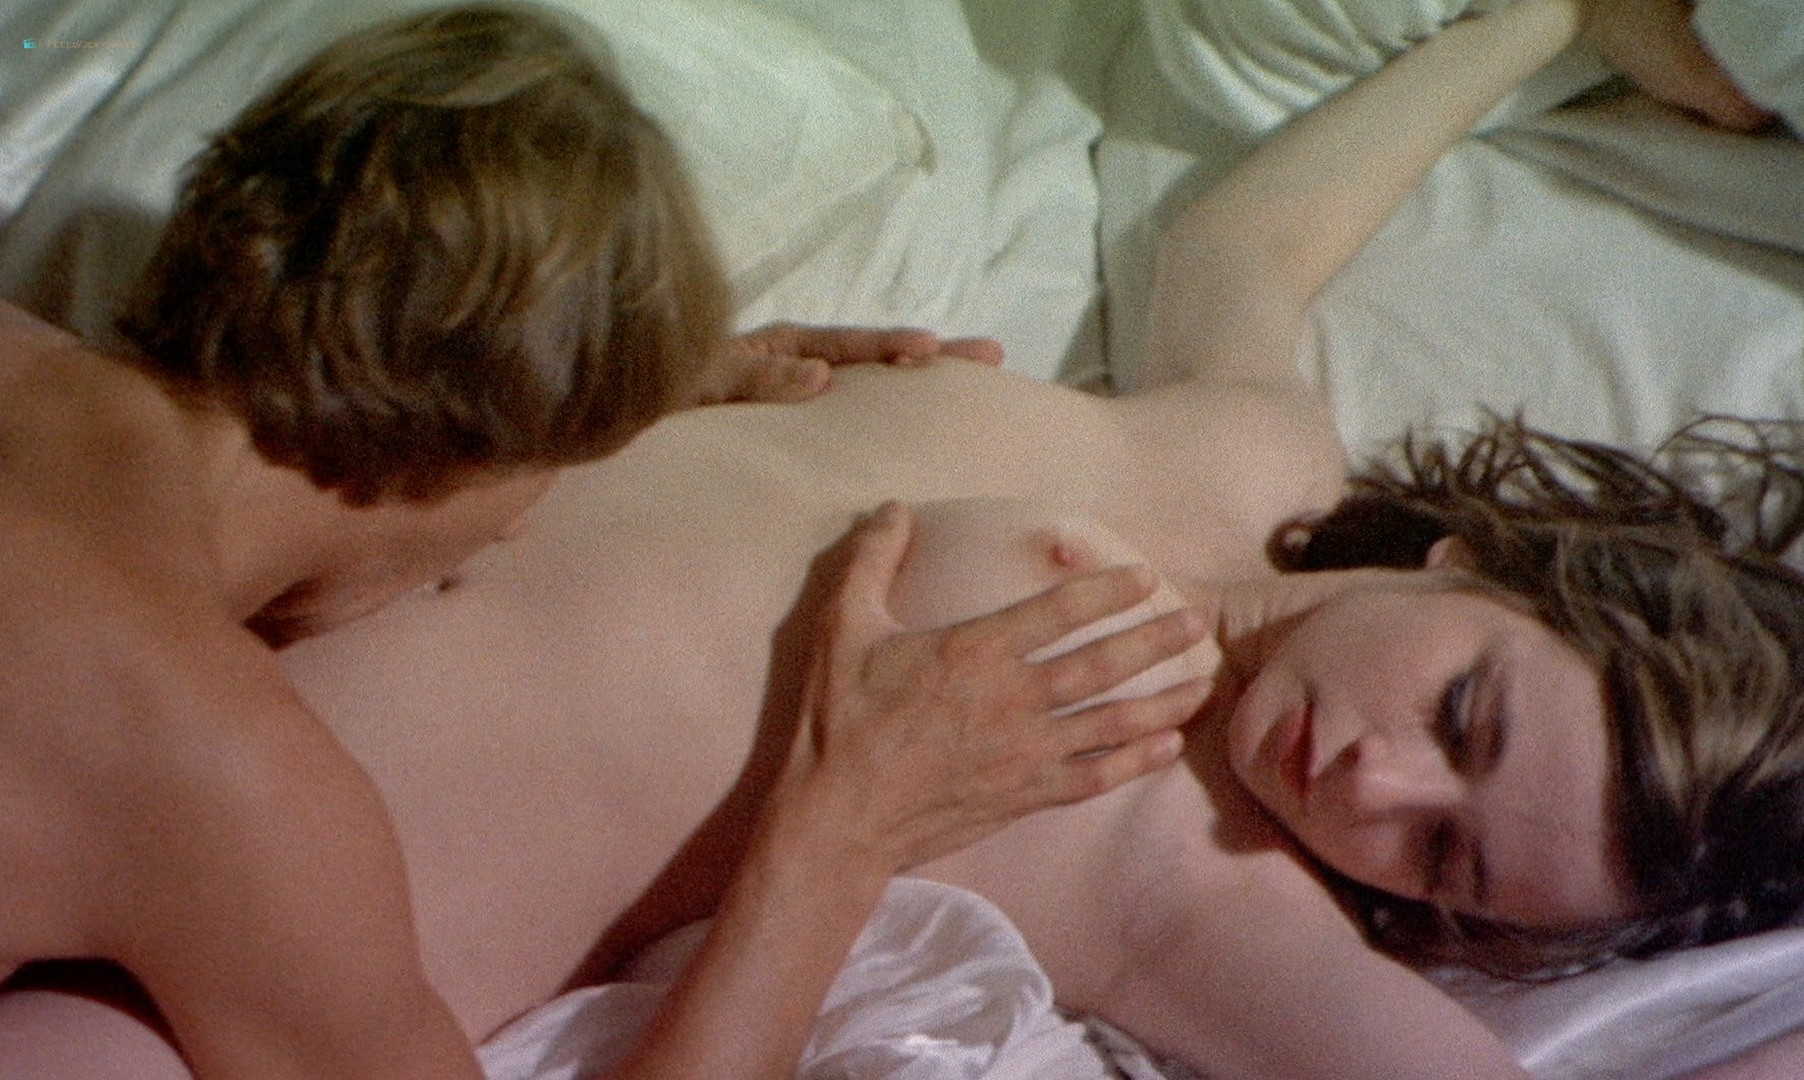 Leonora Fani nude full frontal Mariangela Giordano bush and hot sex - Giallo a venezia (1979) HD 1080p BluRay REMUX (12)